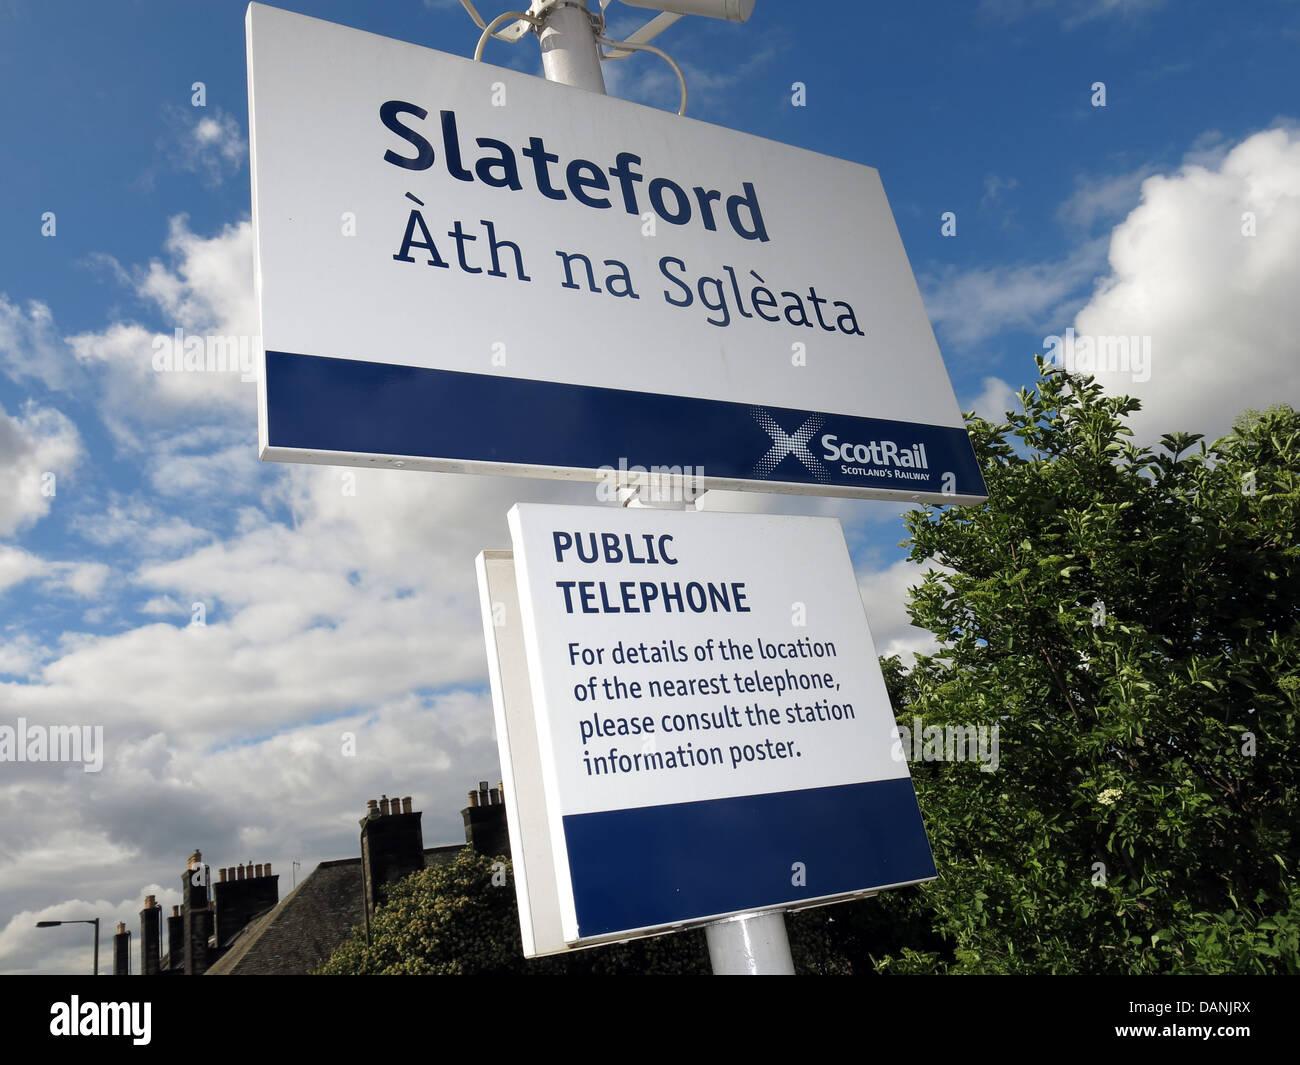 Laden Sie dieses Alamy Stockfoto Mehrsprachige Zeichen in Slateford Bahnhof in Edinburgh Schottland, Vereinigtes Königreich - DANJRX